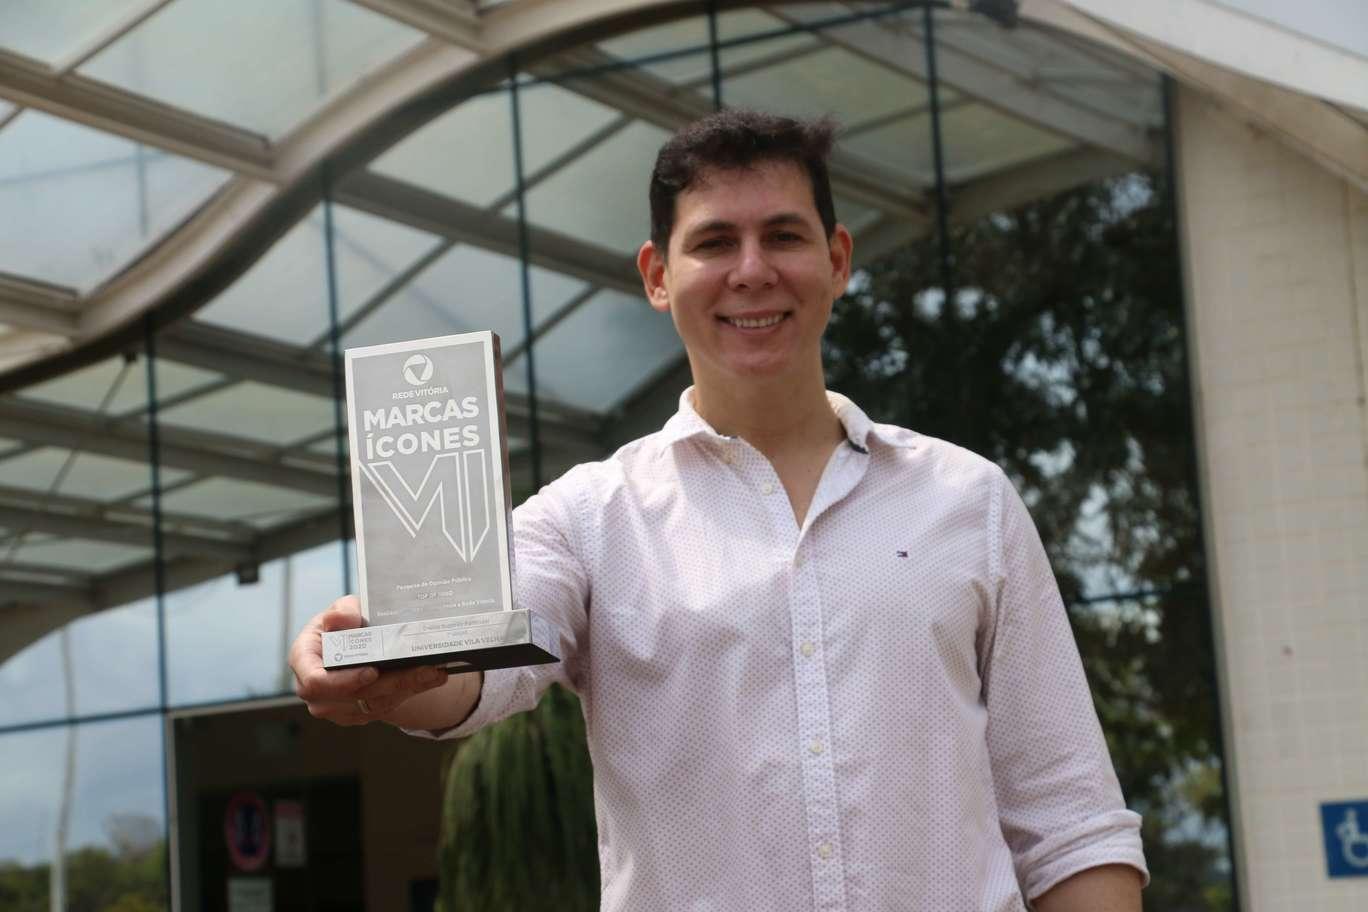 Rafael Galvêas, Vice-Reitor da UVV, com o Prêmio Marcas Ícones 2020